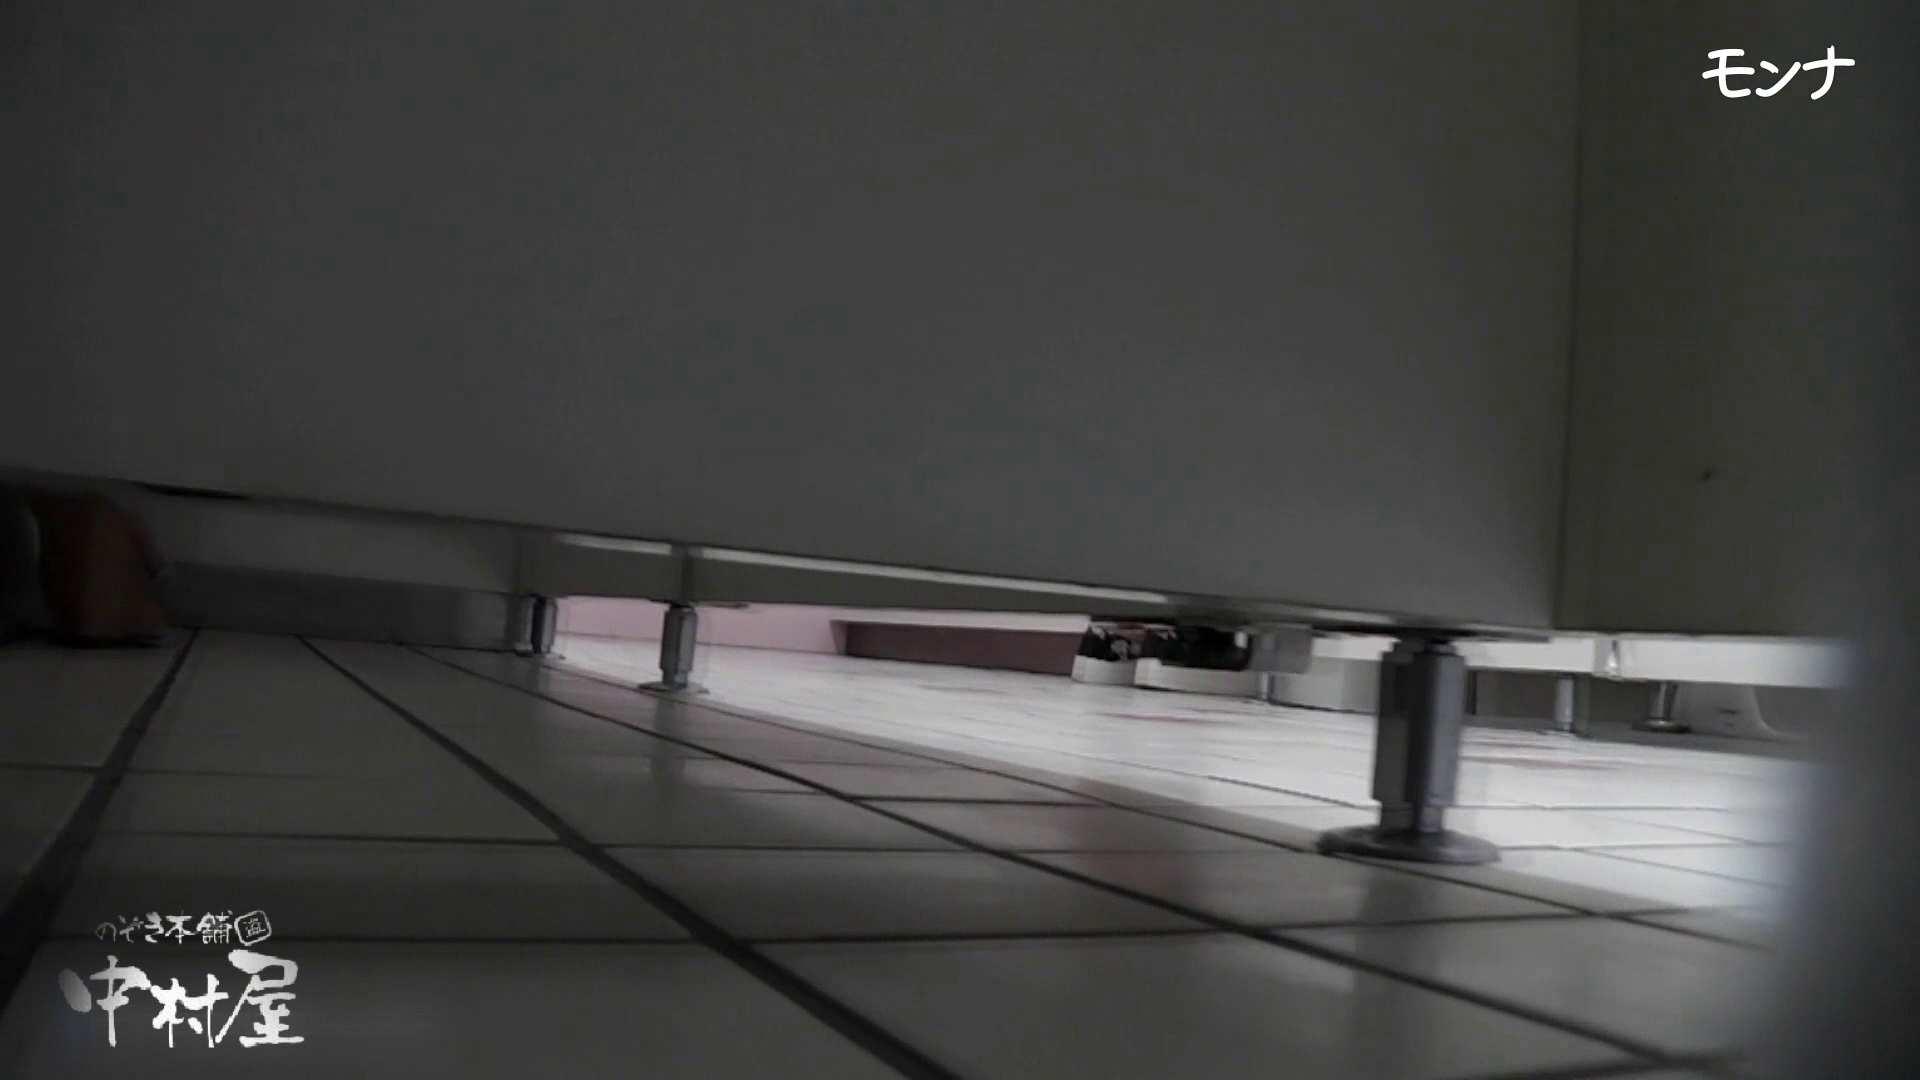 【美しい日本の未来】美しい日本の未来 No.69 ひやっと!終始15cmのしらすを垂らしながら・・・ エロいOL   ガールの盗撮  85枚